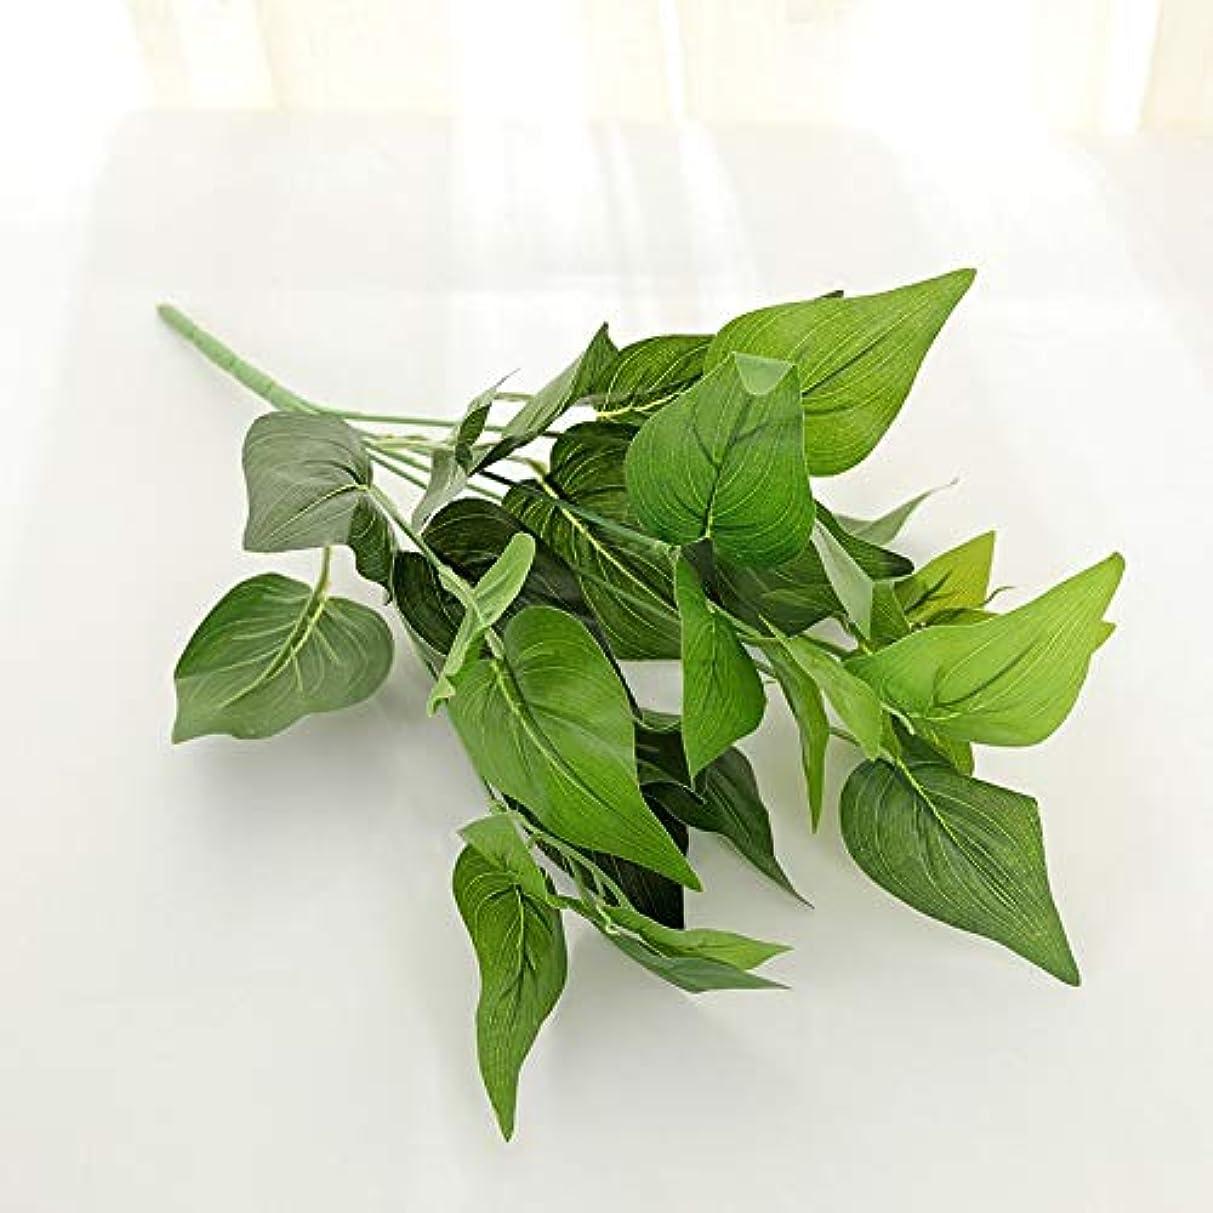 アイロニー事業内容外国人YHWJP 人工観葉植物 人工植物フェイクグリーンの葉ガーデンホームデコレーション模擬プラントウォールアクセサリー結婚式の装飾パーティー用品 (Color : 5, Size : One Size)